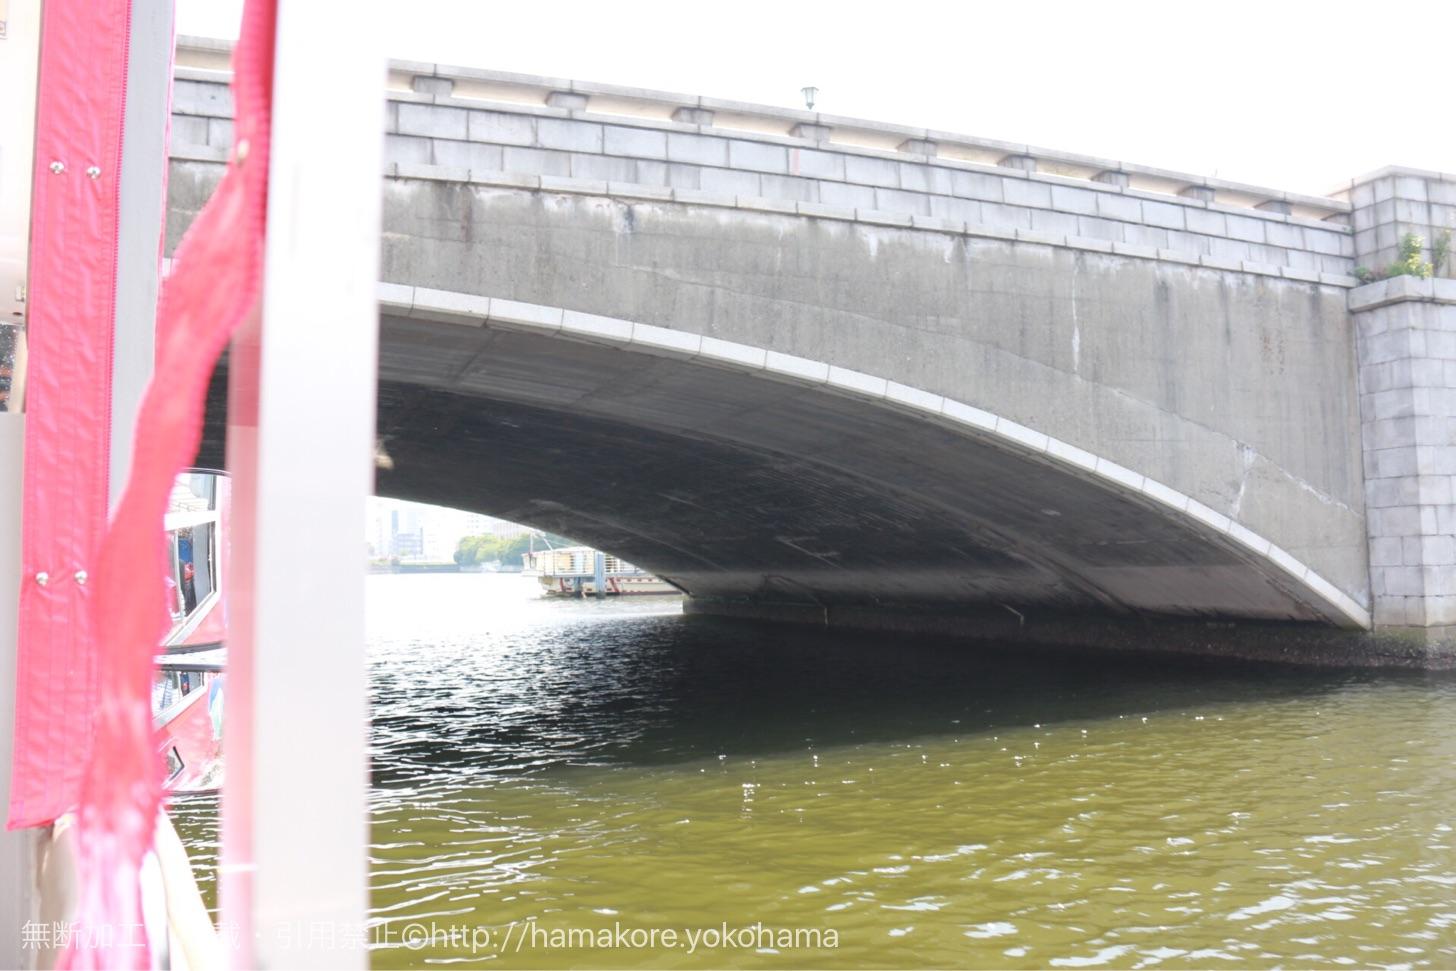 水陸両用バス「スカイダック」 万国橋をくぐる瞬間